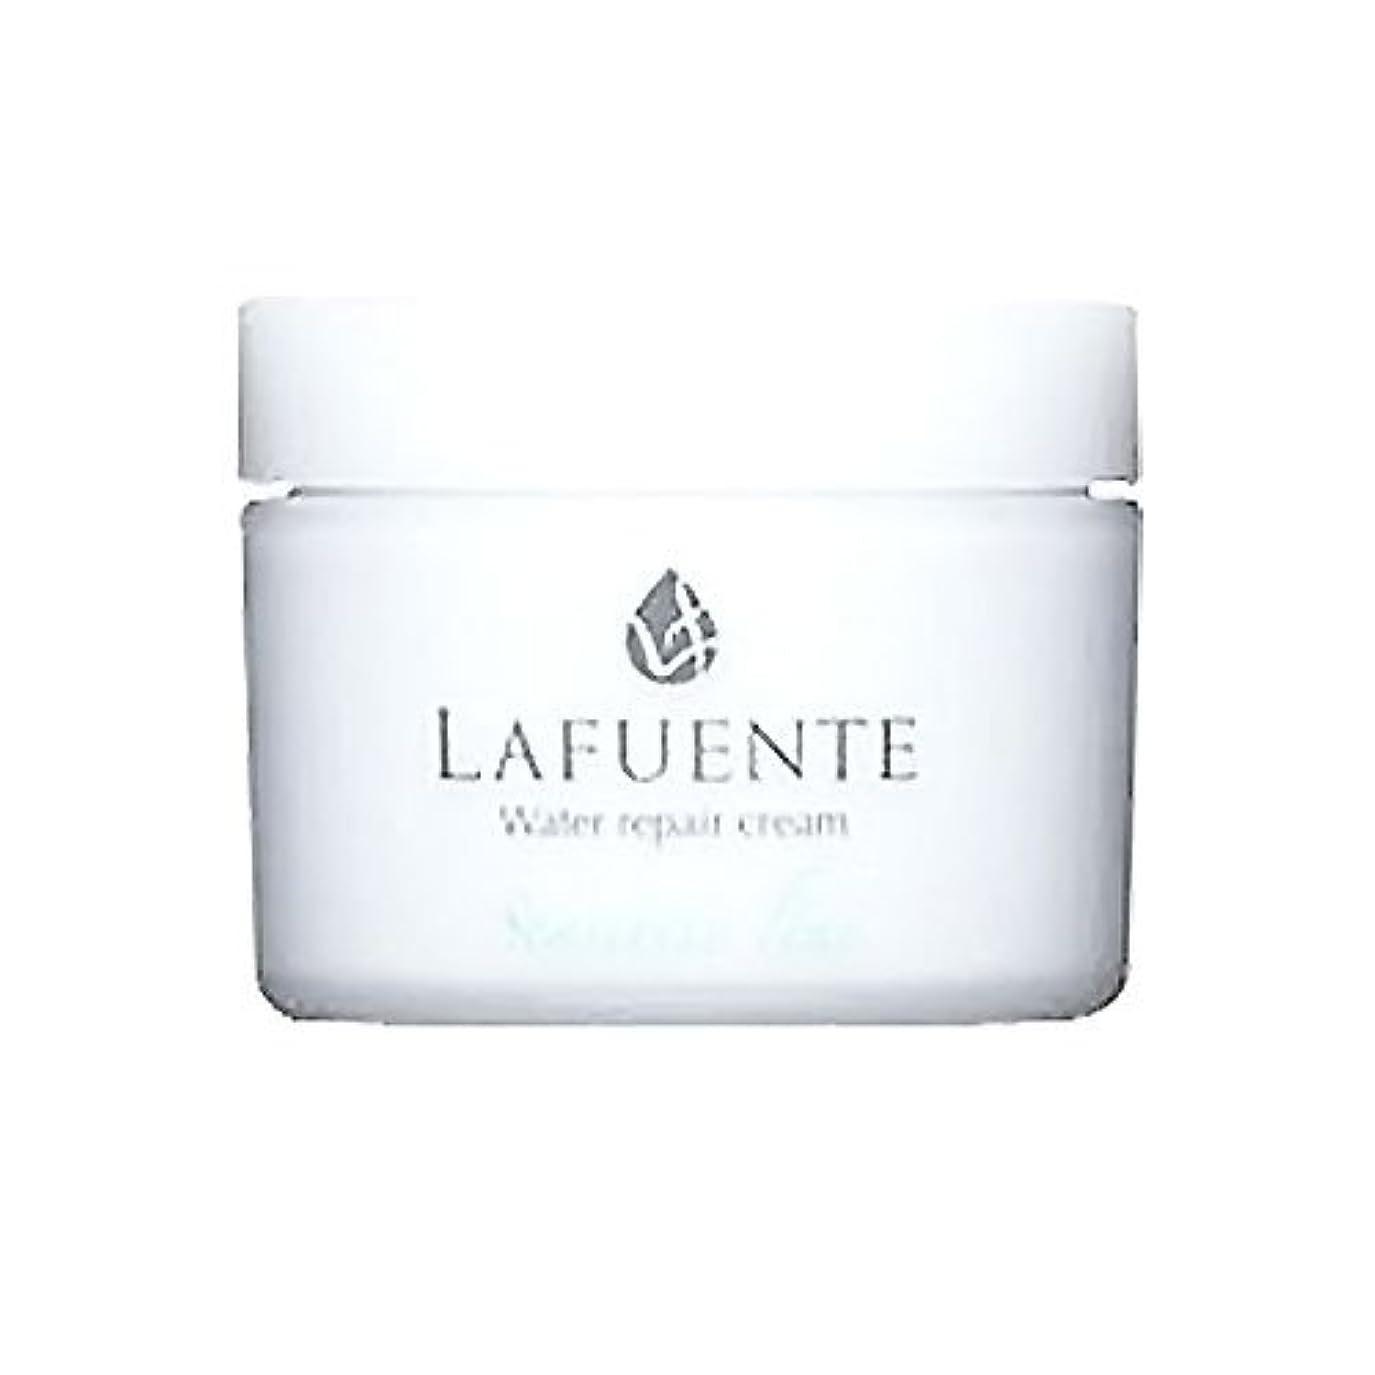 ゴシップ比較的擁するLAFUNTE (ラファンテ) ウォーターリペアクリーム 50g